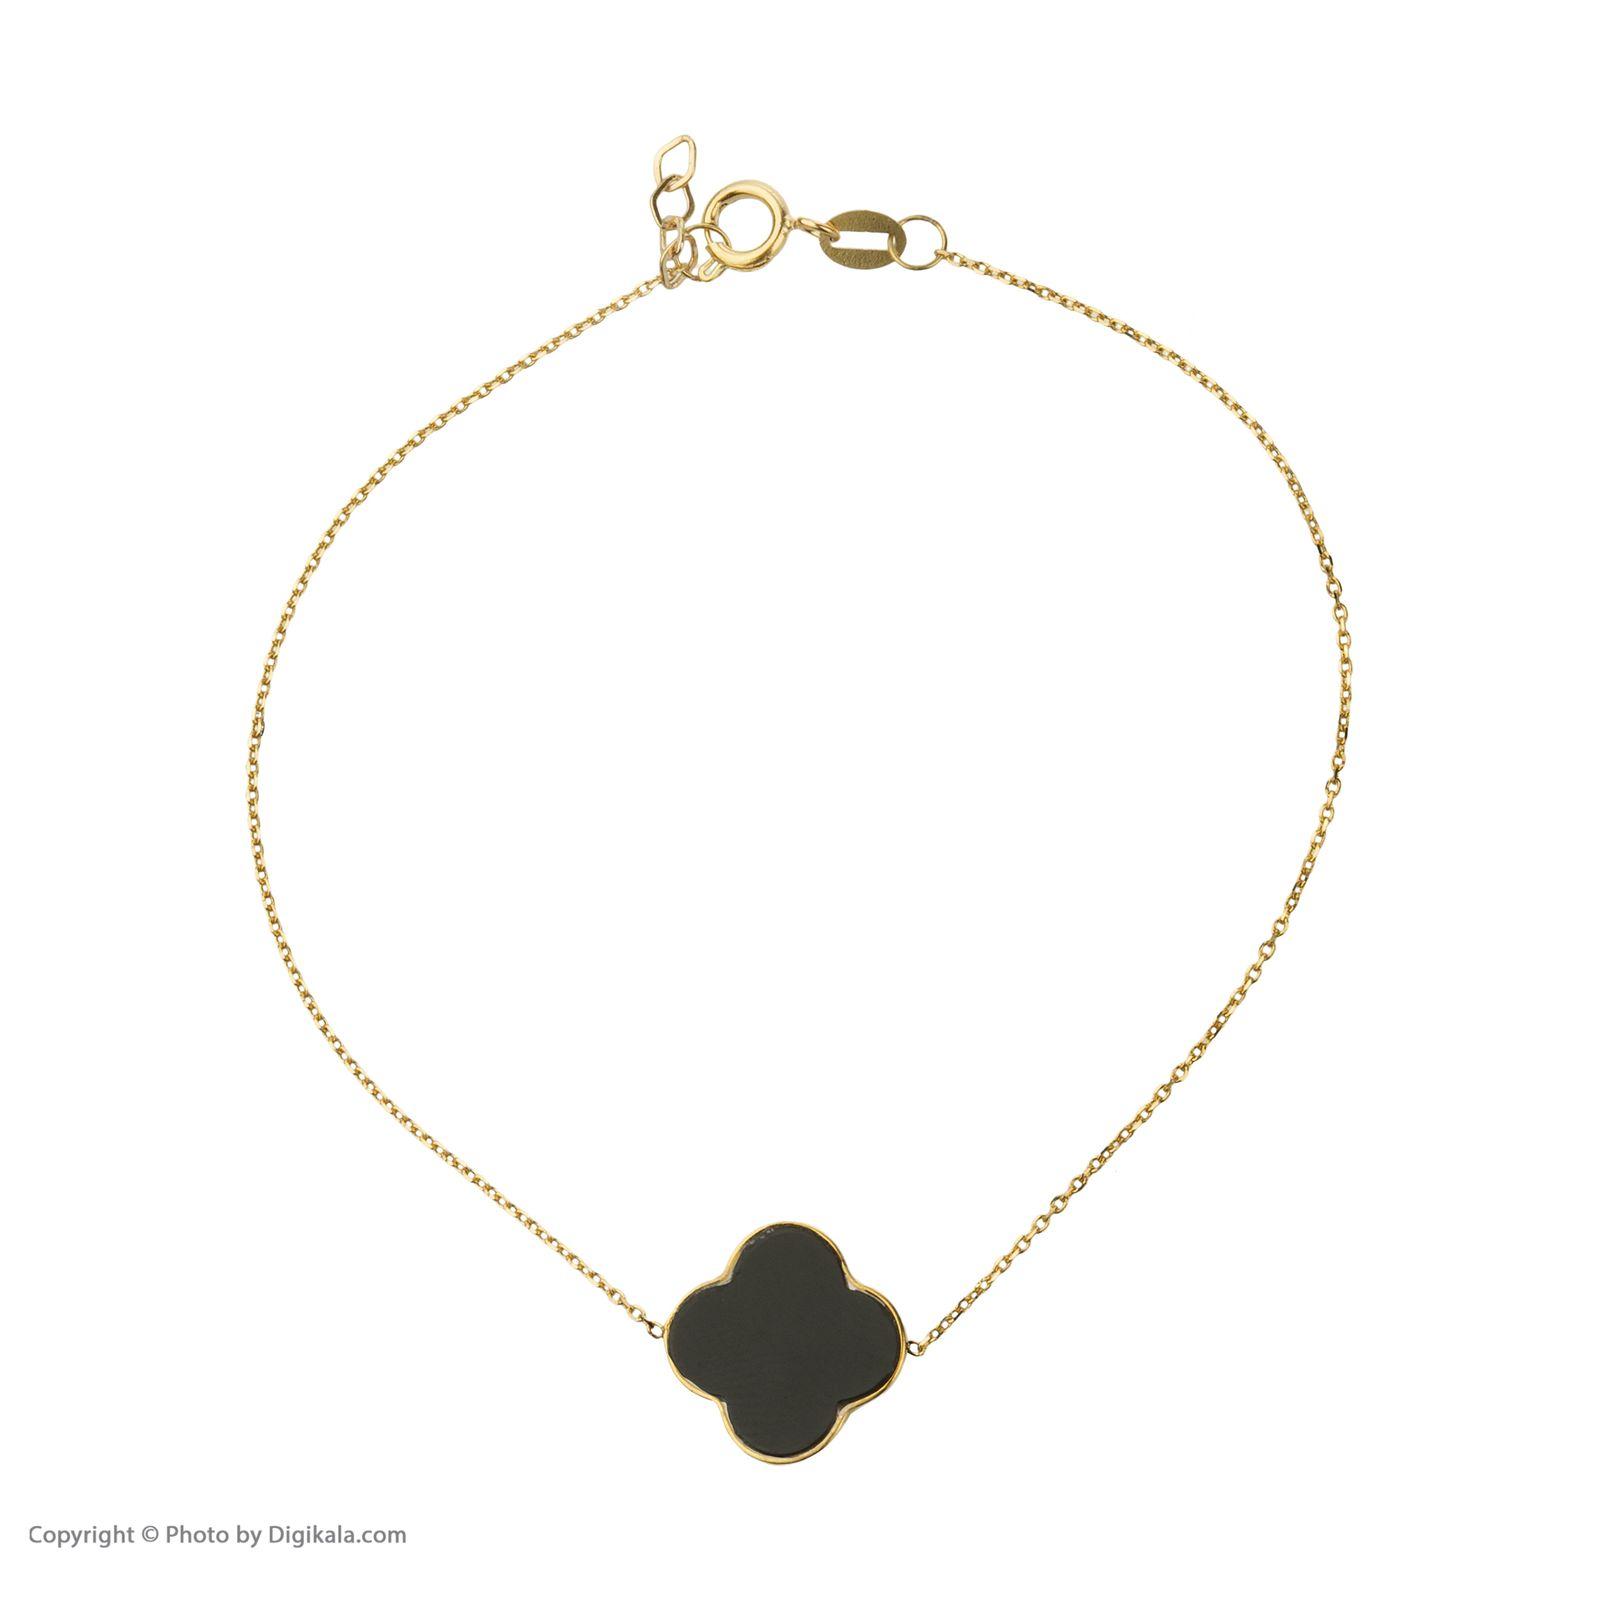 دستبند طلا 18 عیار زنانه میو گلد مدل GD626 -  - 3